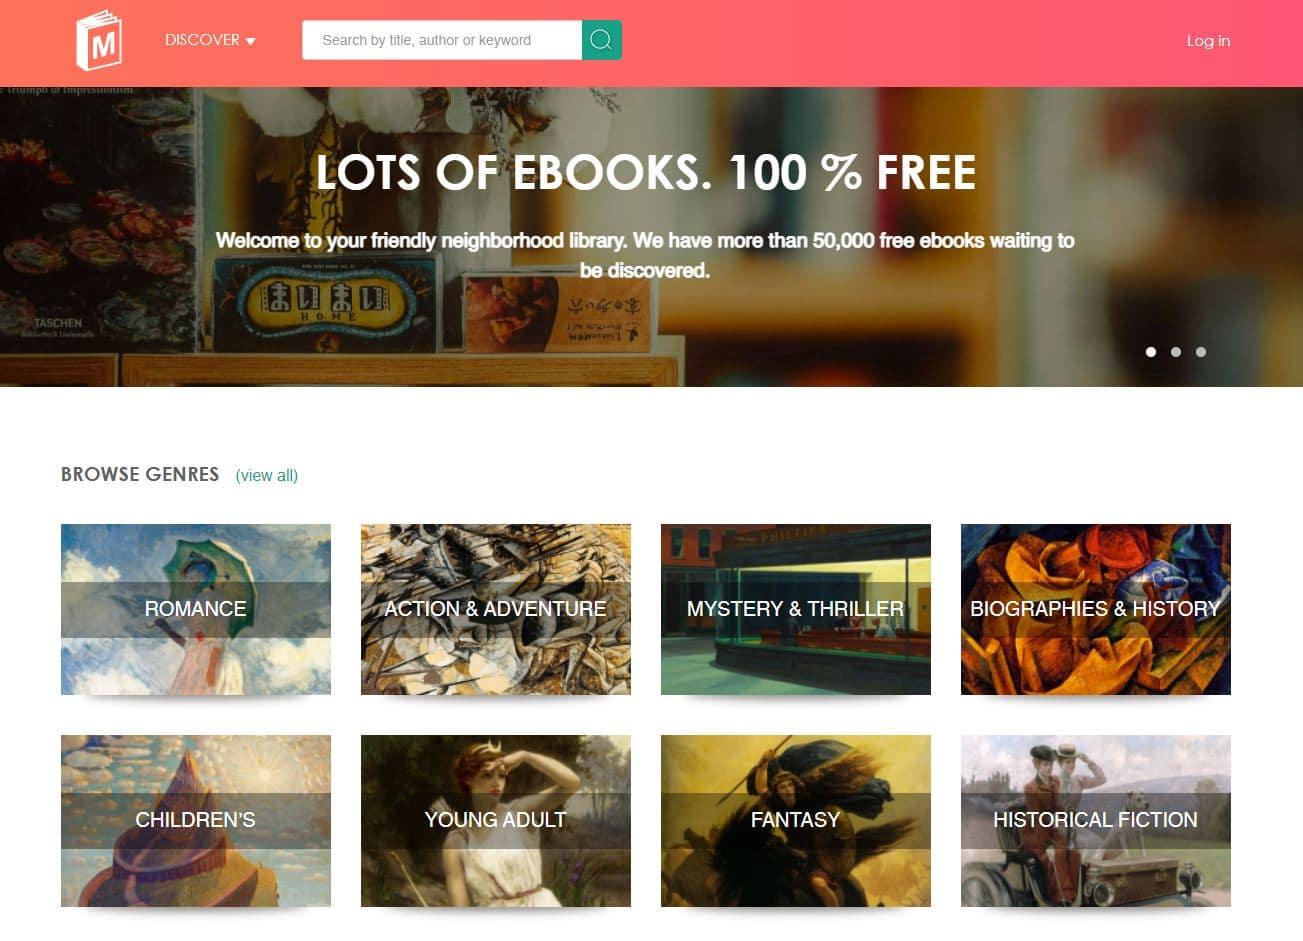 รูป e book 02 - ประกอบเนื้อหา แนะนำ 6 เว็บไซต์สำหรับคนชอบอ่าน ที่เปิดให้อ่านหนังสือฟรี